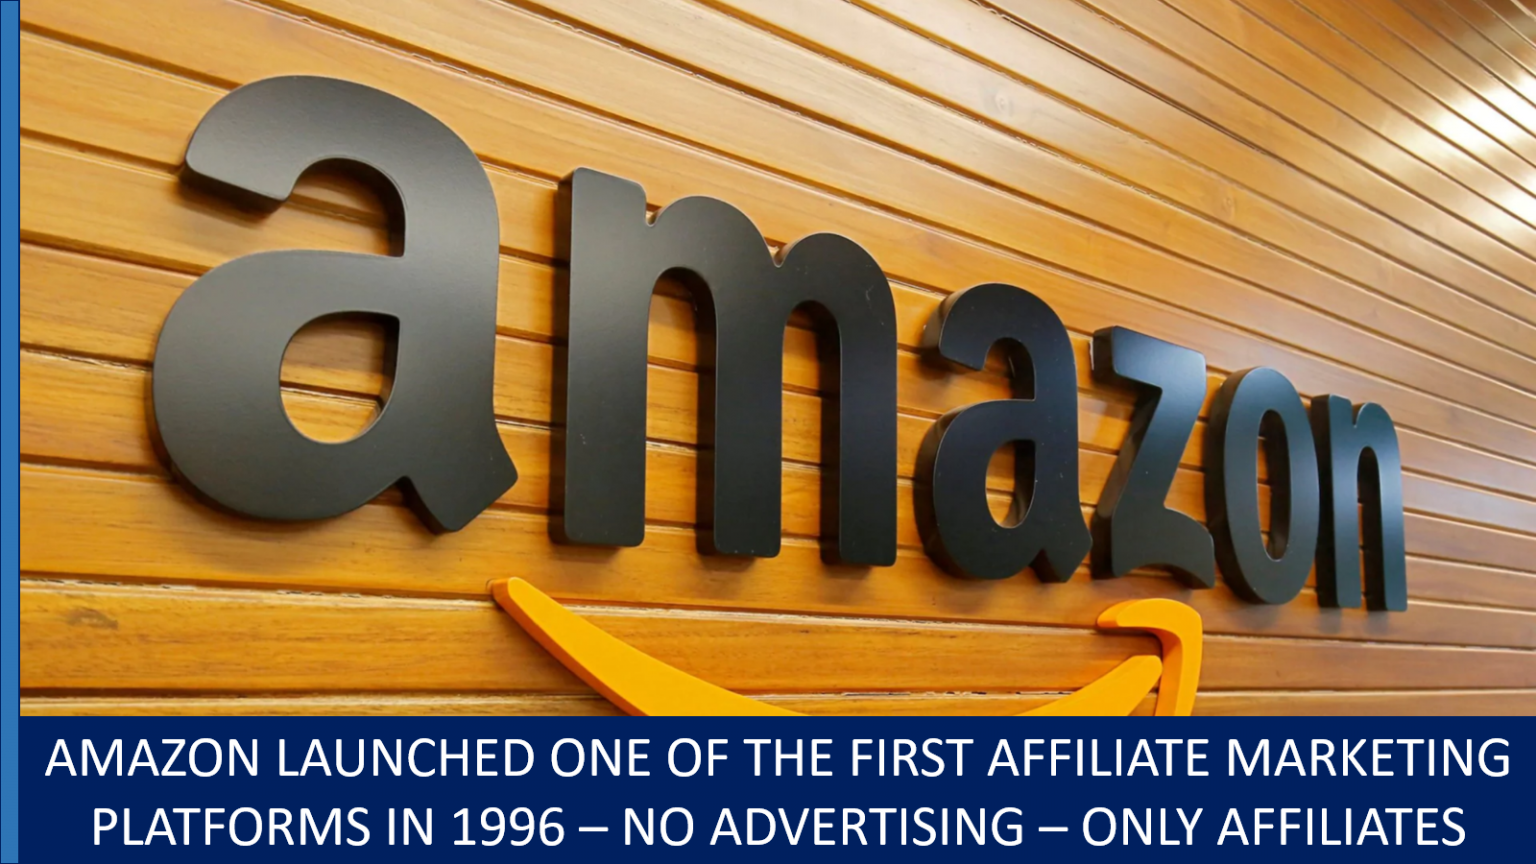 44 - Be Like Amazon